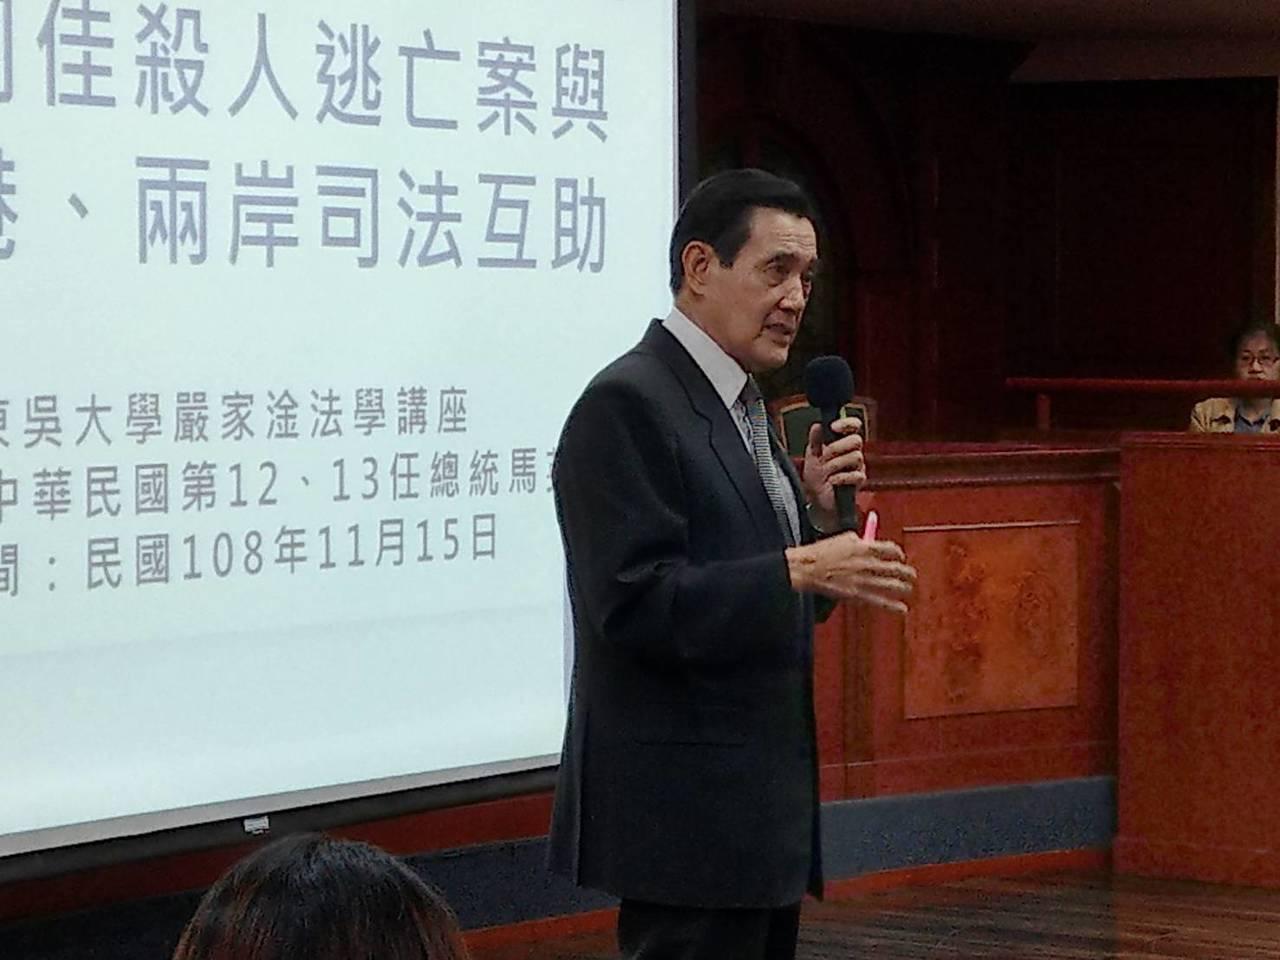 前總統馬英九今天上午赴東吳大學主講「陳同佳殺人案與台港、兩岸司法互助」,馬英九接...